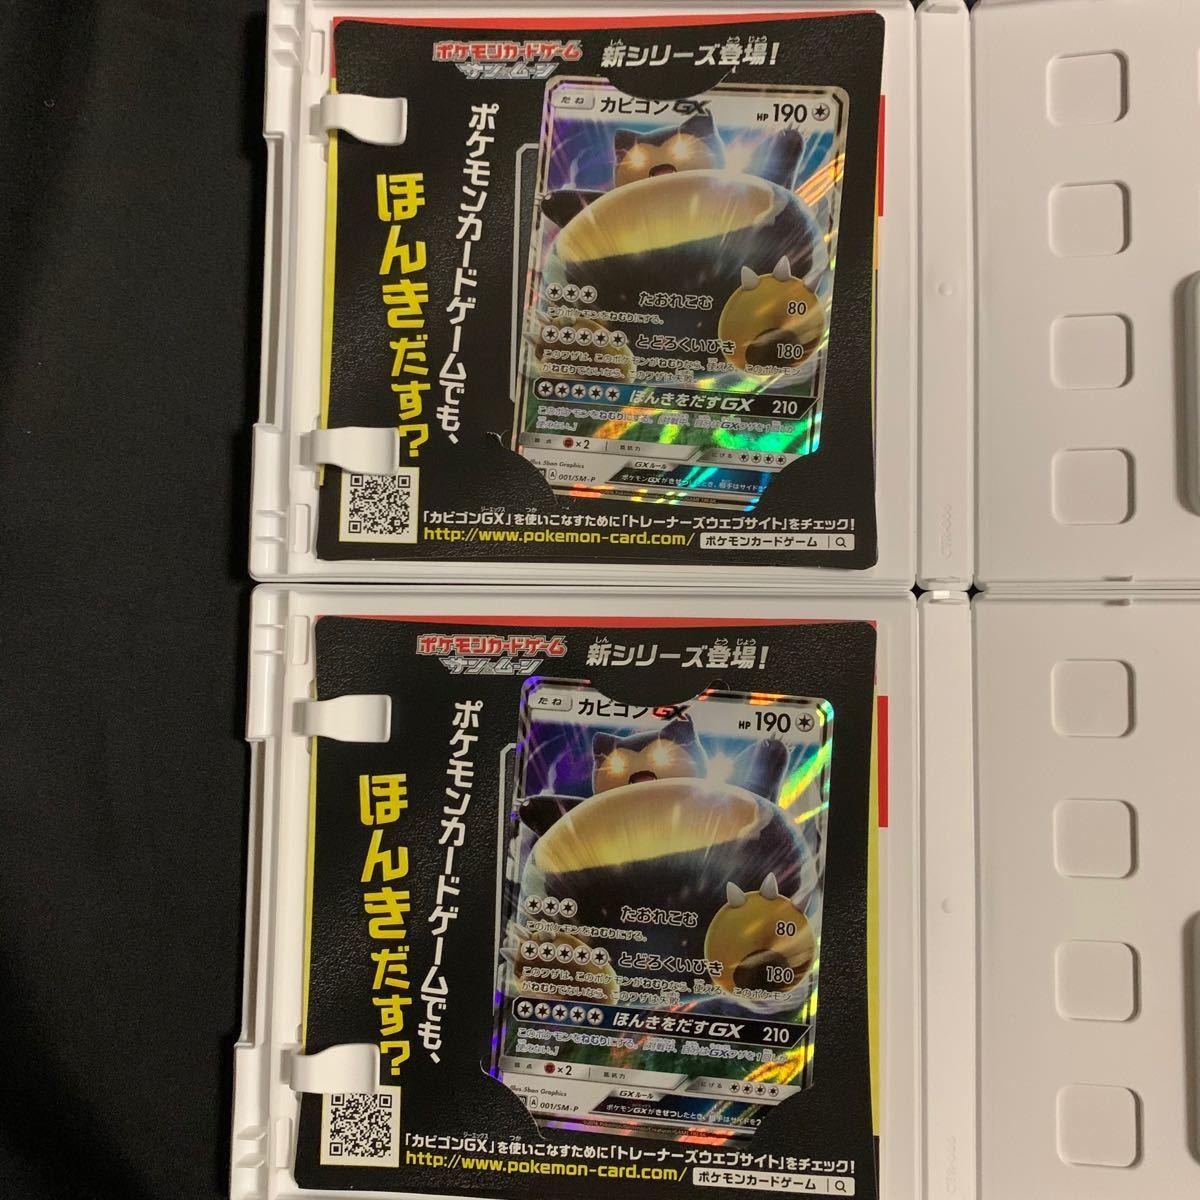 ポケットモンスター サン ムーン SM ポケモン 3ds ソフト まとめ売り